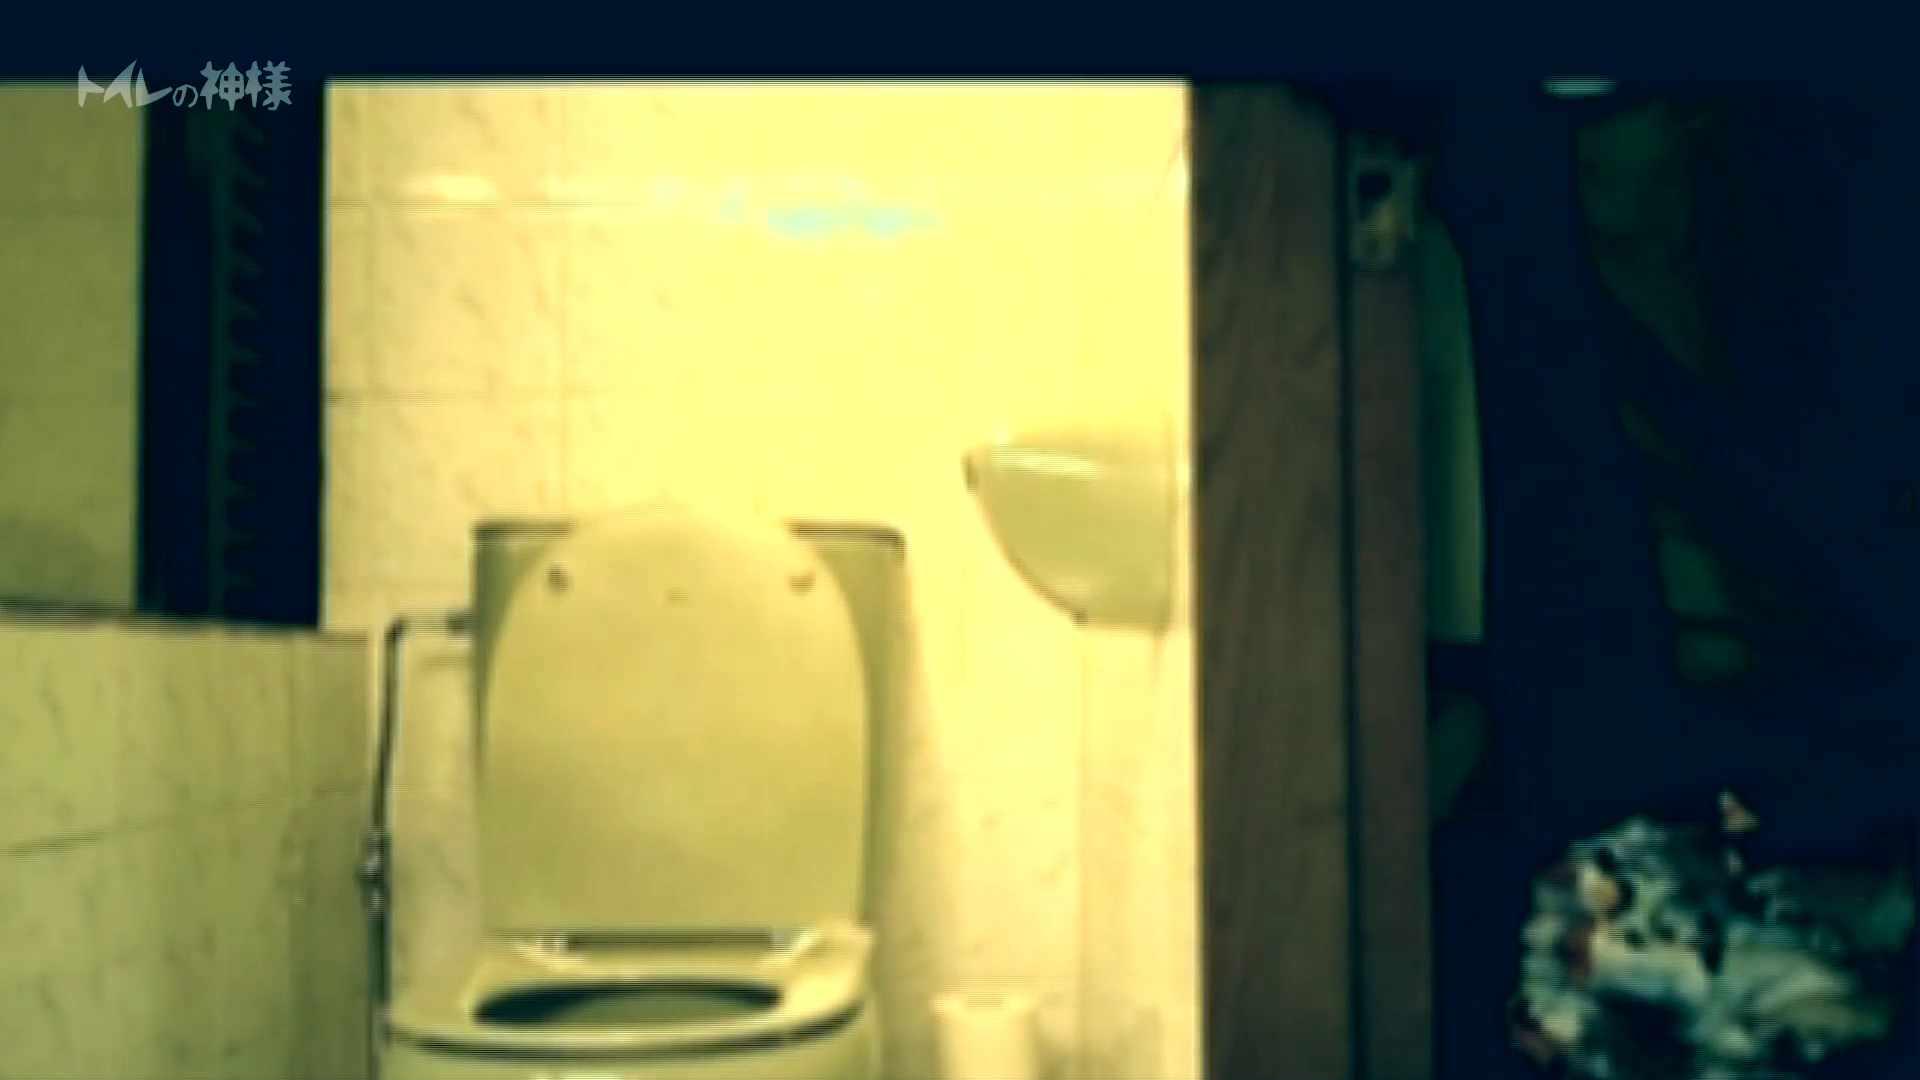 トイレの神様 Vol.01 花の女子大生うんこ盗撮1 HなOL オメコ無修正動画無料 96pic 65